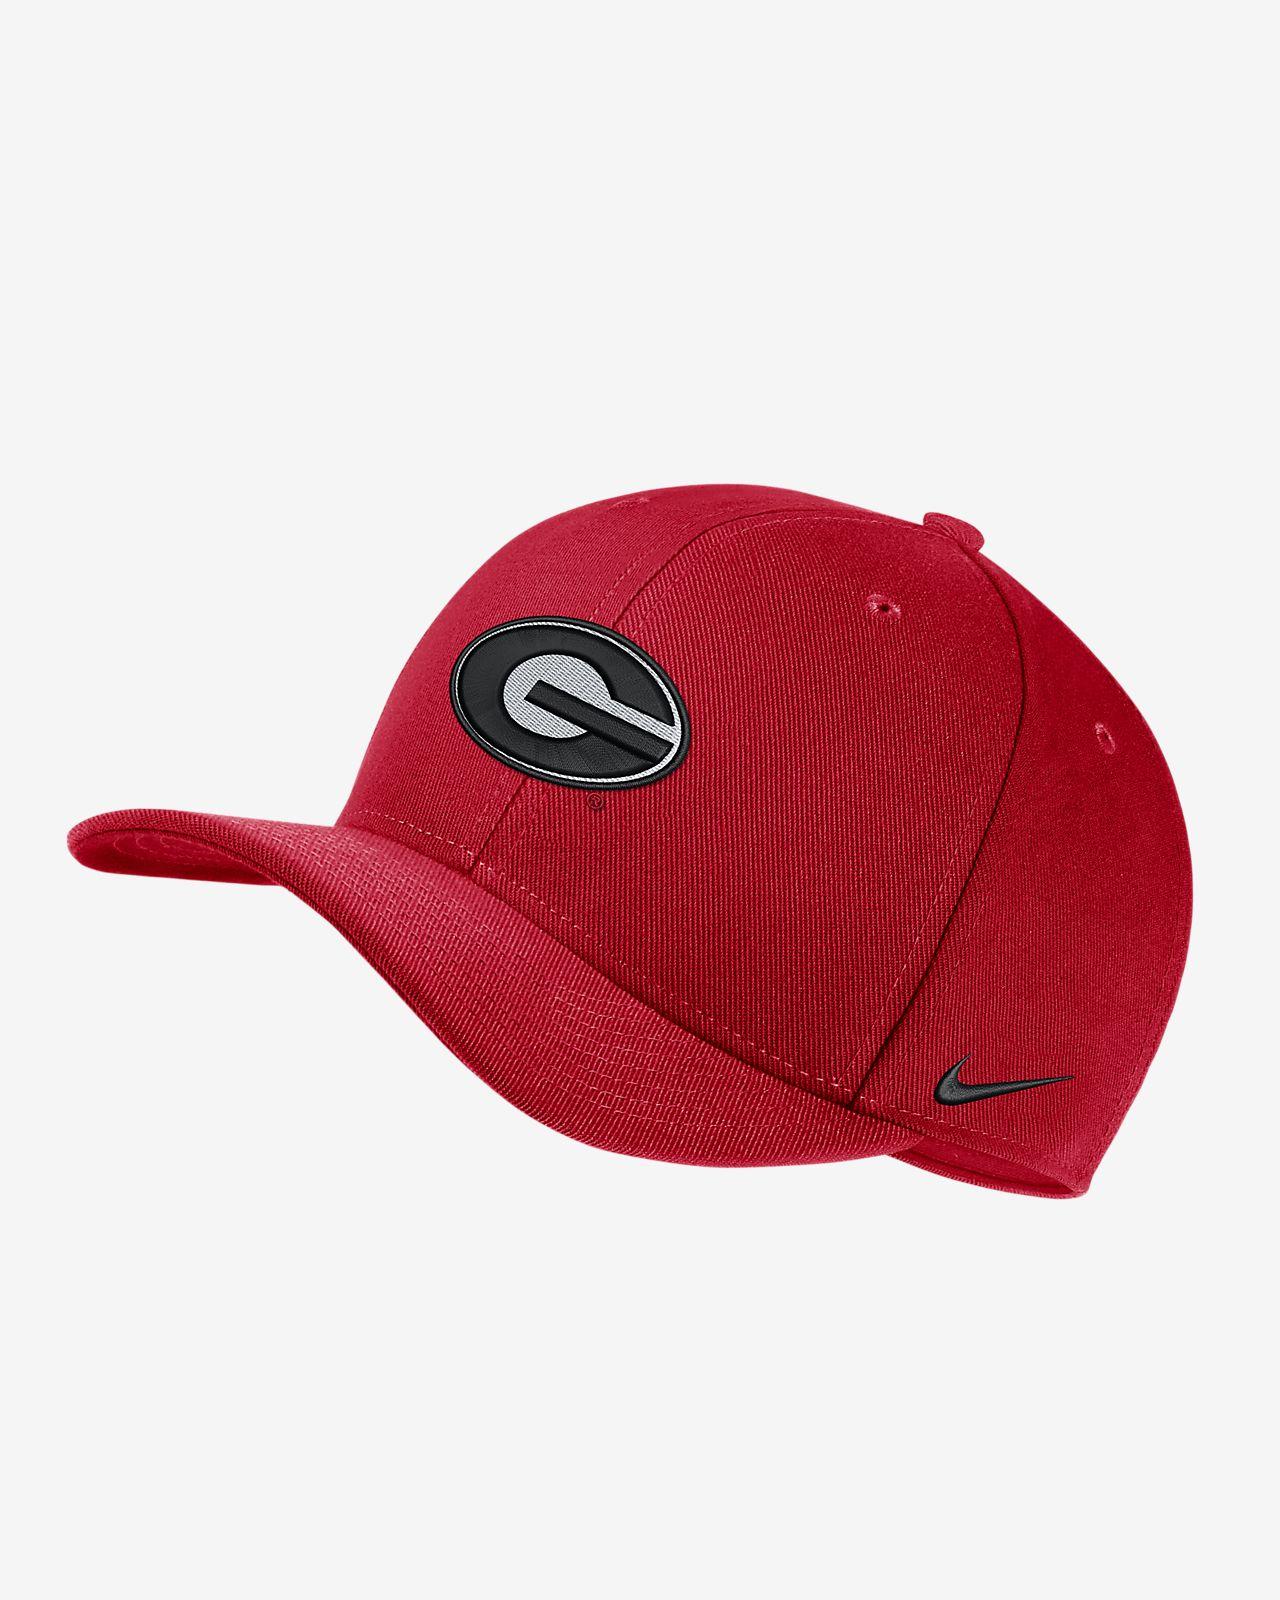 Nike College Dri-FIT Classic99 Swoosh Flex (Georgia) Fitted Hat ... 7222b9e08f9